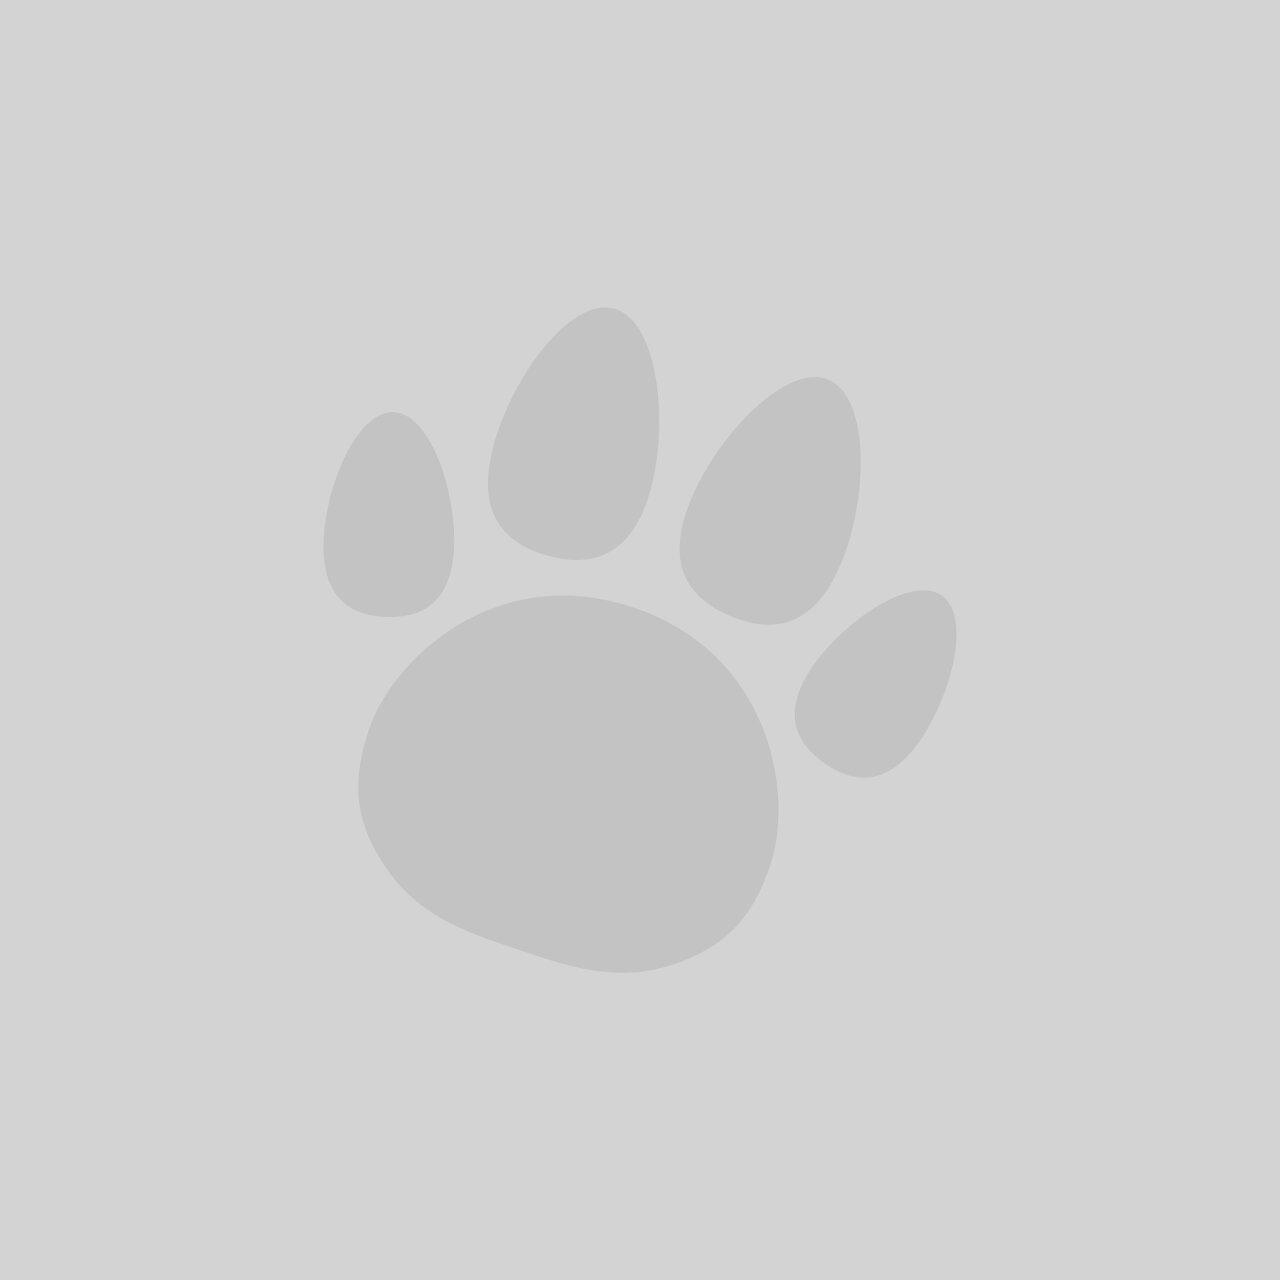 Beaphar Calming Collar for Dogs 65cm